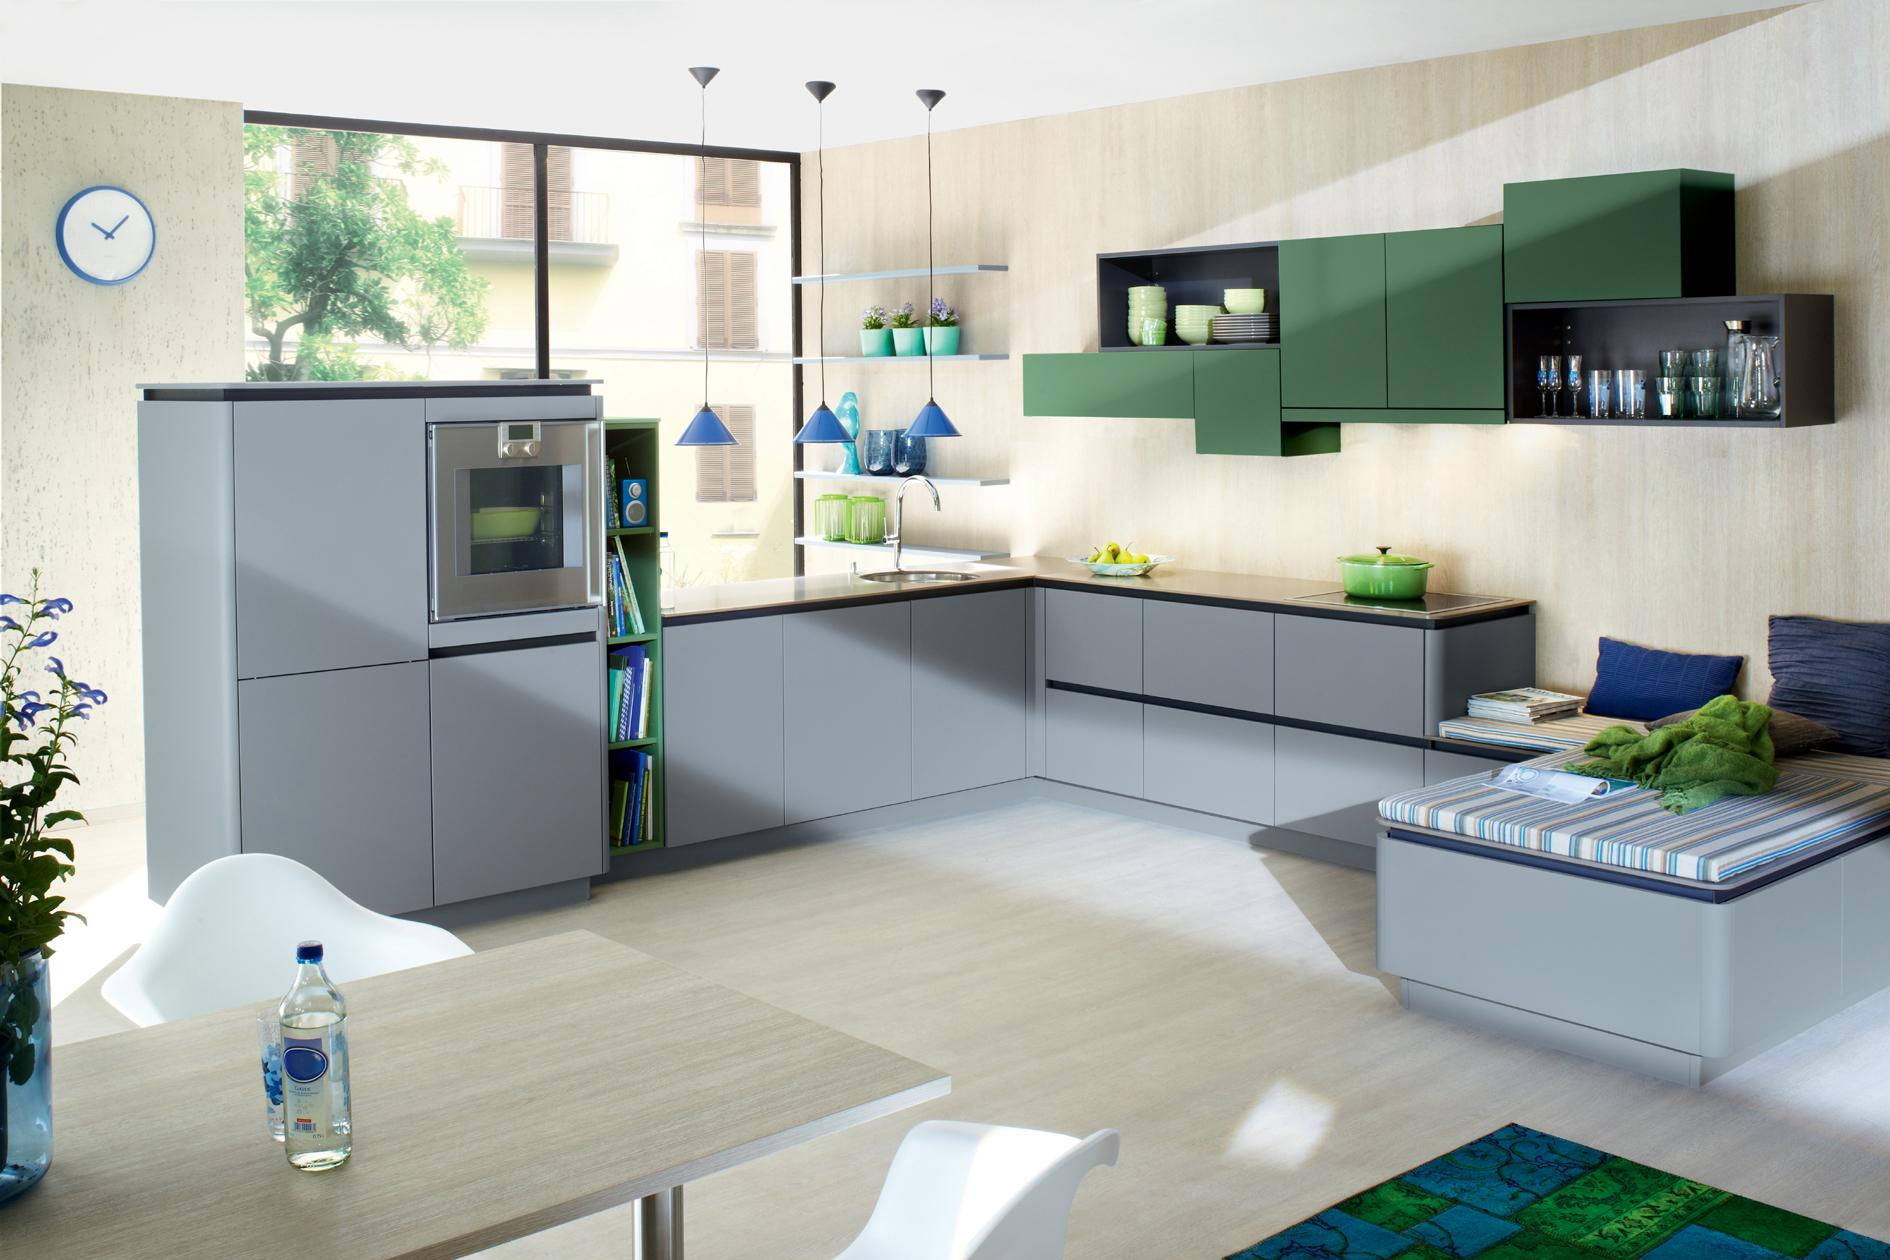 Die Moderne Küche   Heimelig Und Gemütlich Oder Nicht? (Bild: AMK)